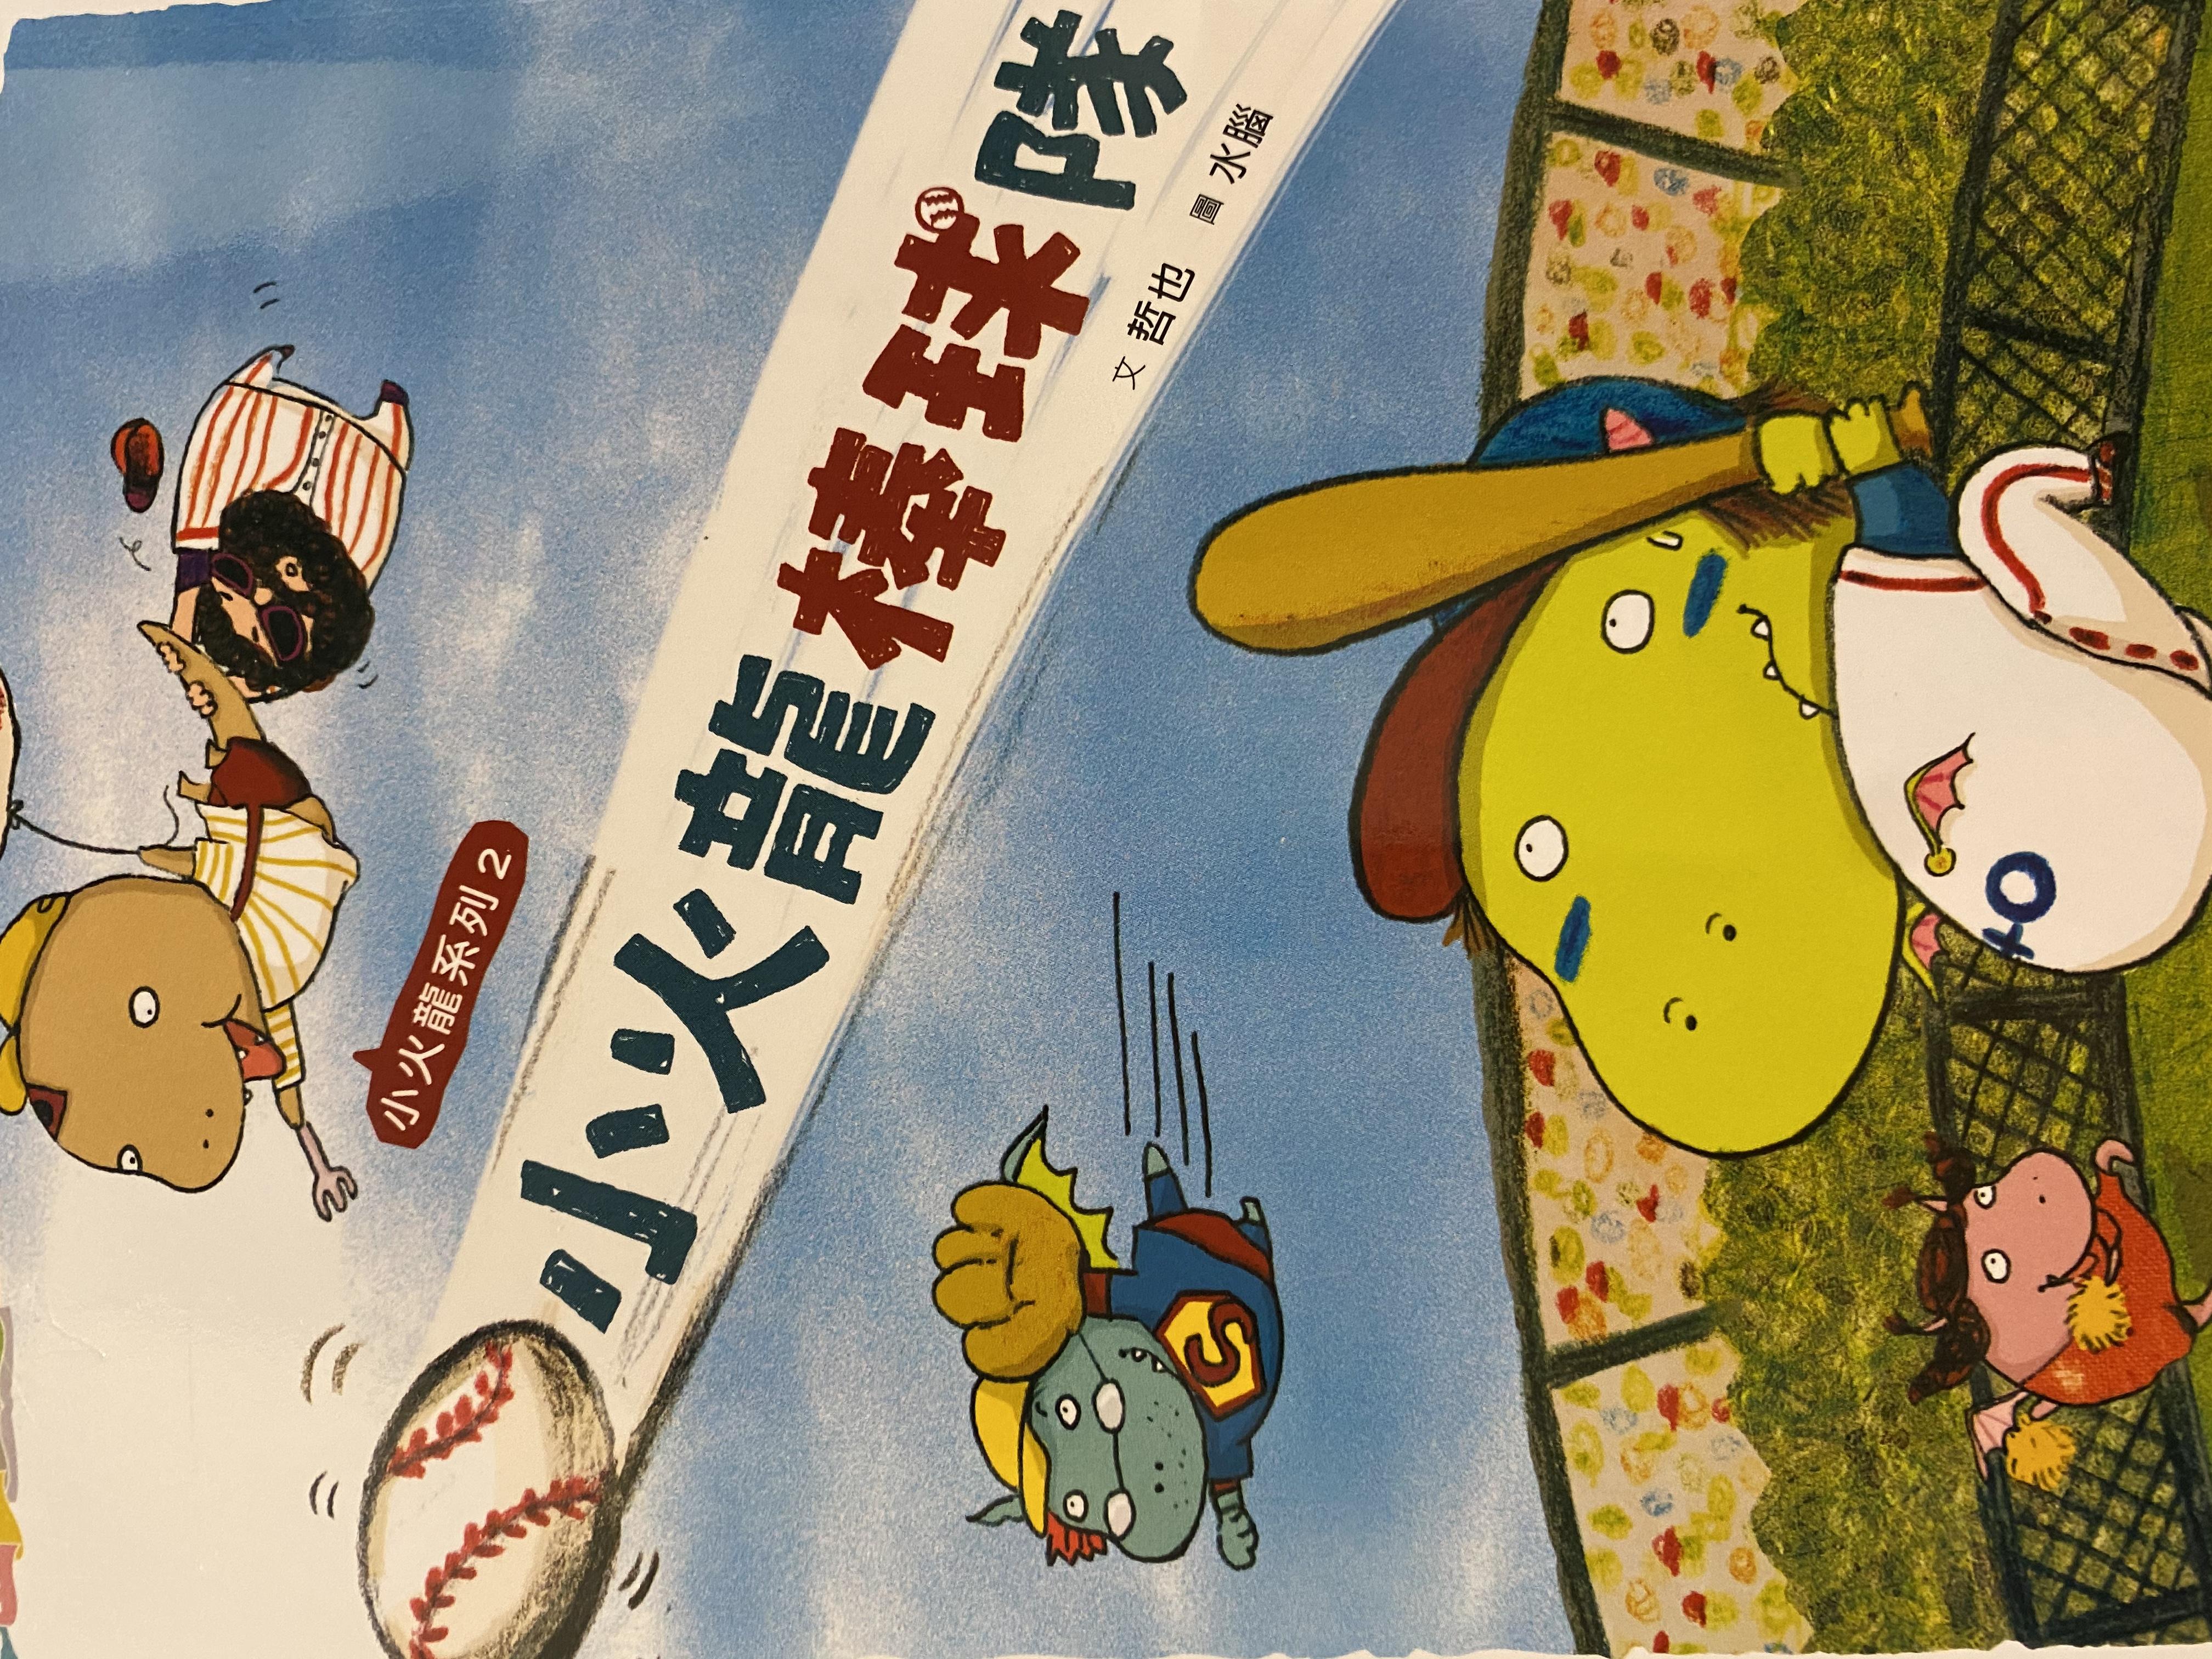 S2-016/ 小火龍棒球隊:這就是棒球/ 小火龍系列3/ chapter 2/ 哲也 水腦/ 親子天下